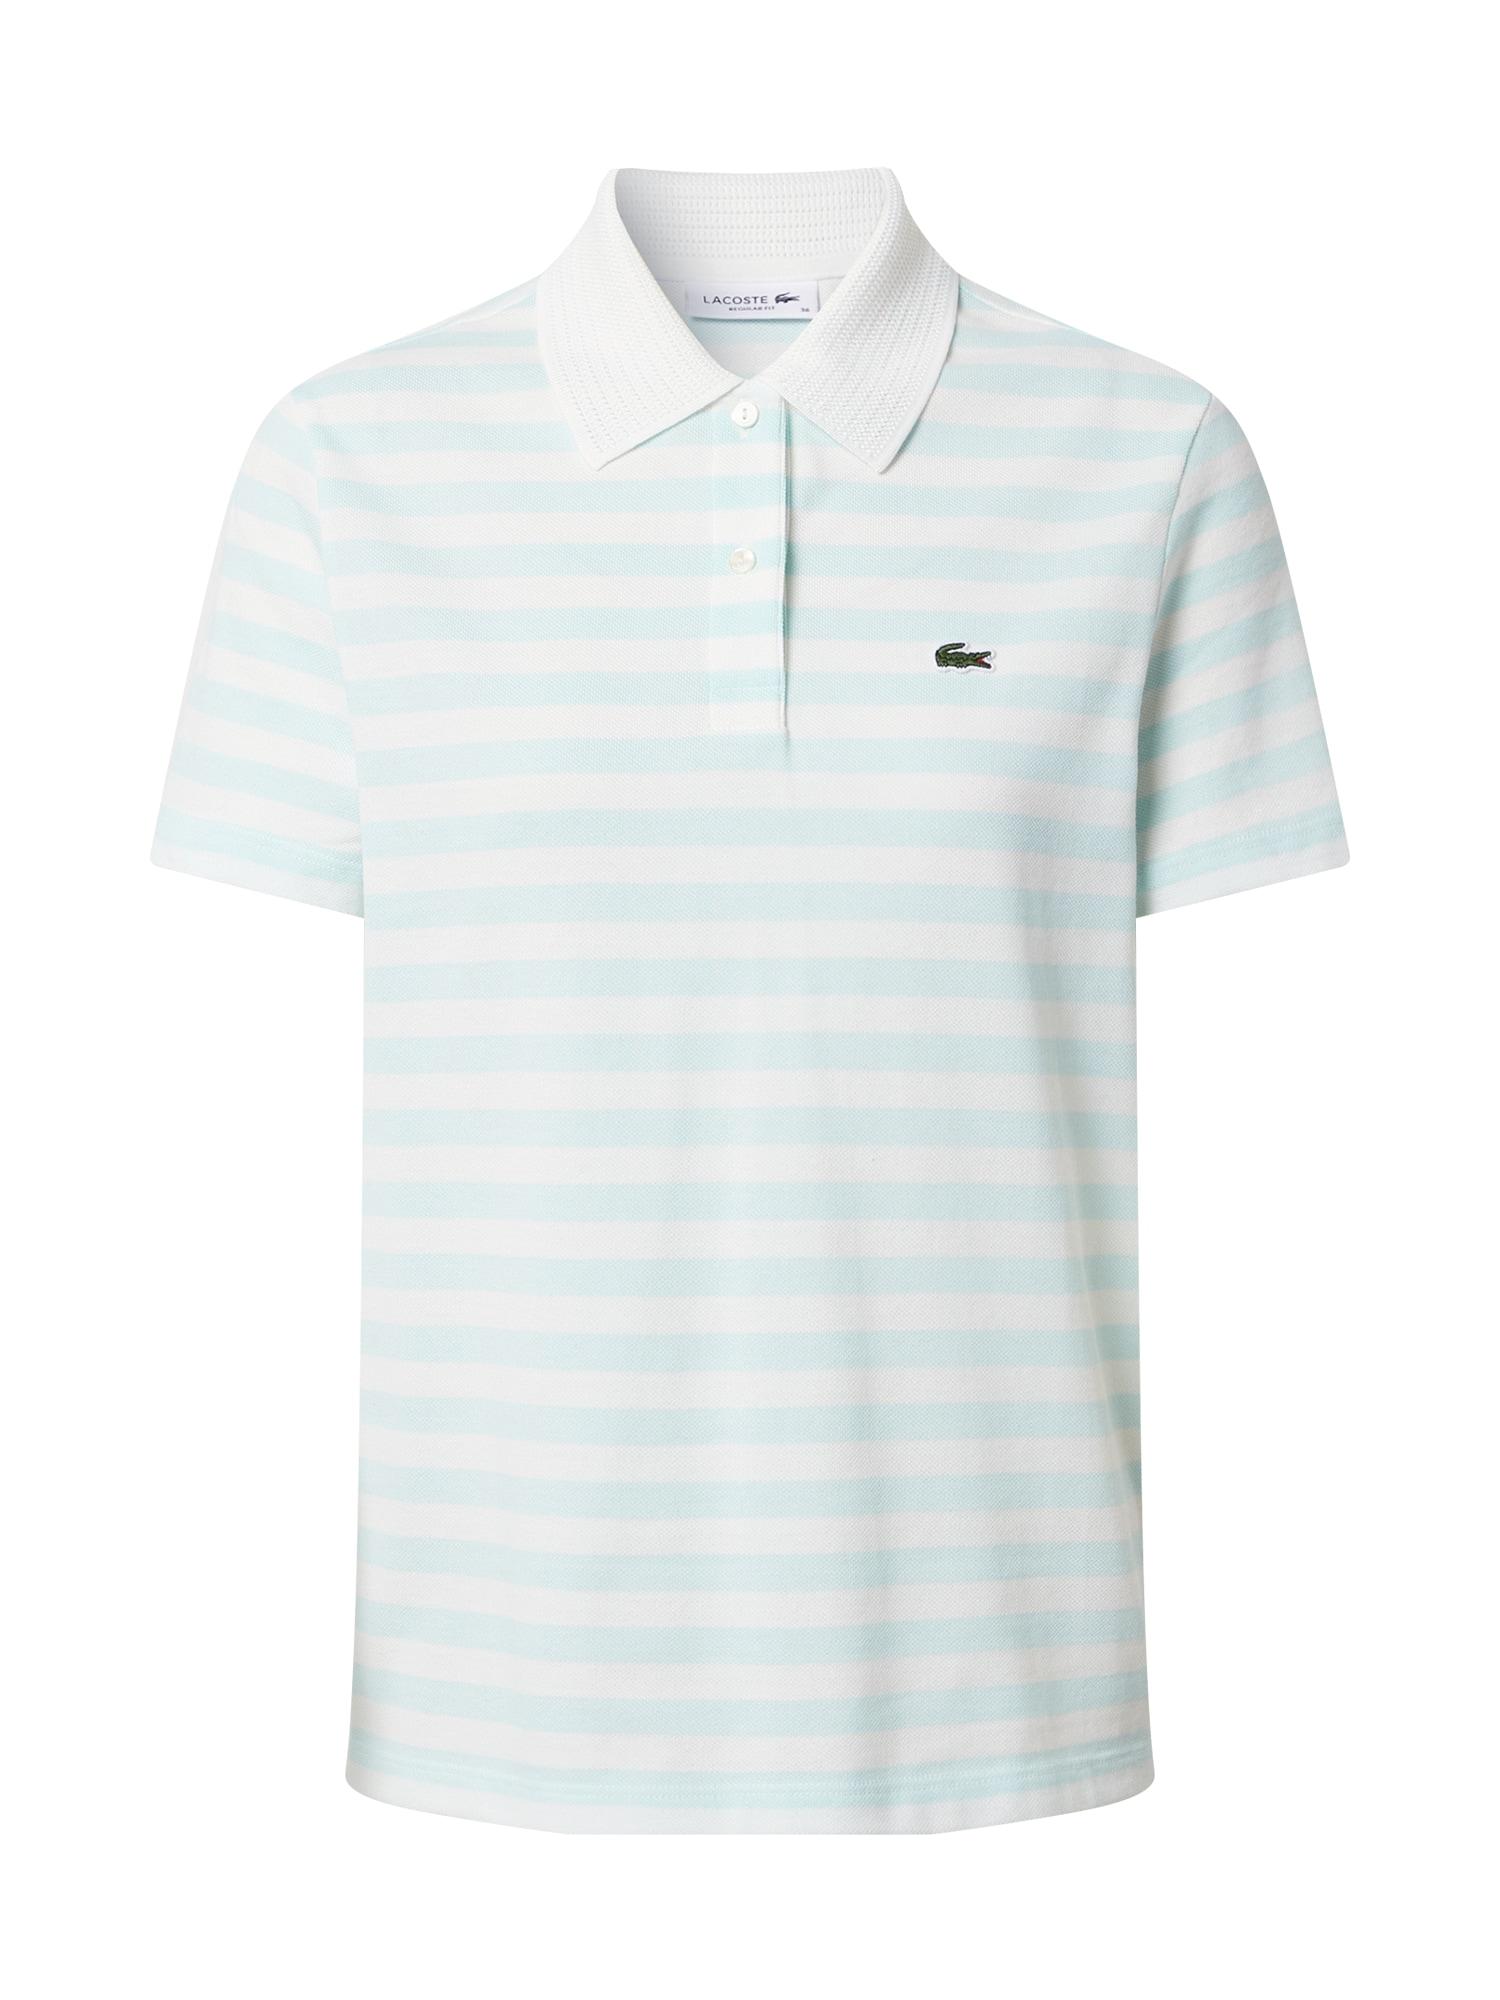 LACOSTE Marškinėliai balta / pastelinė mėlyna